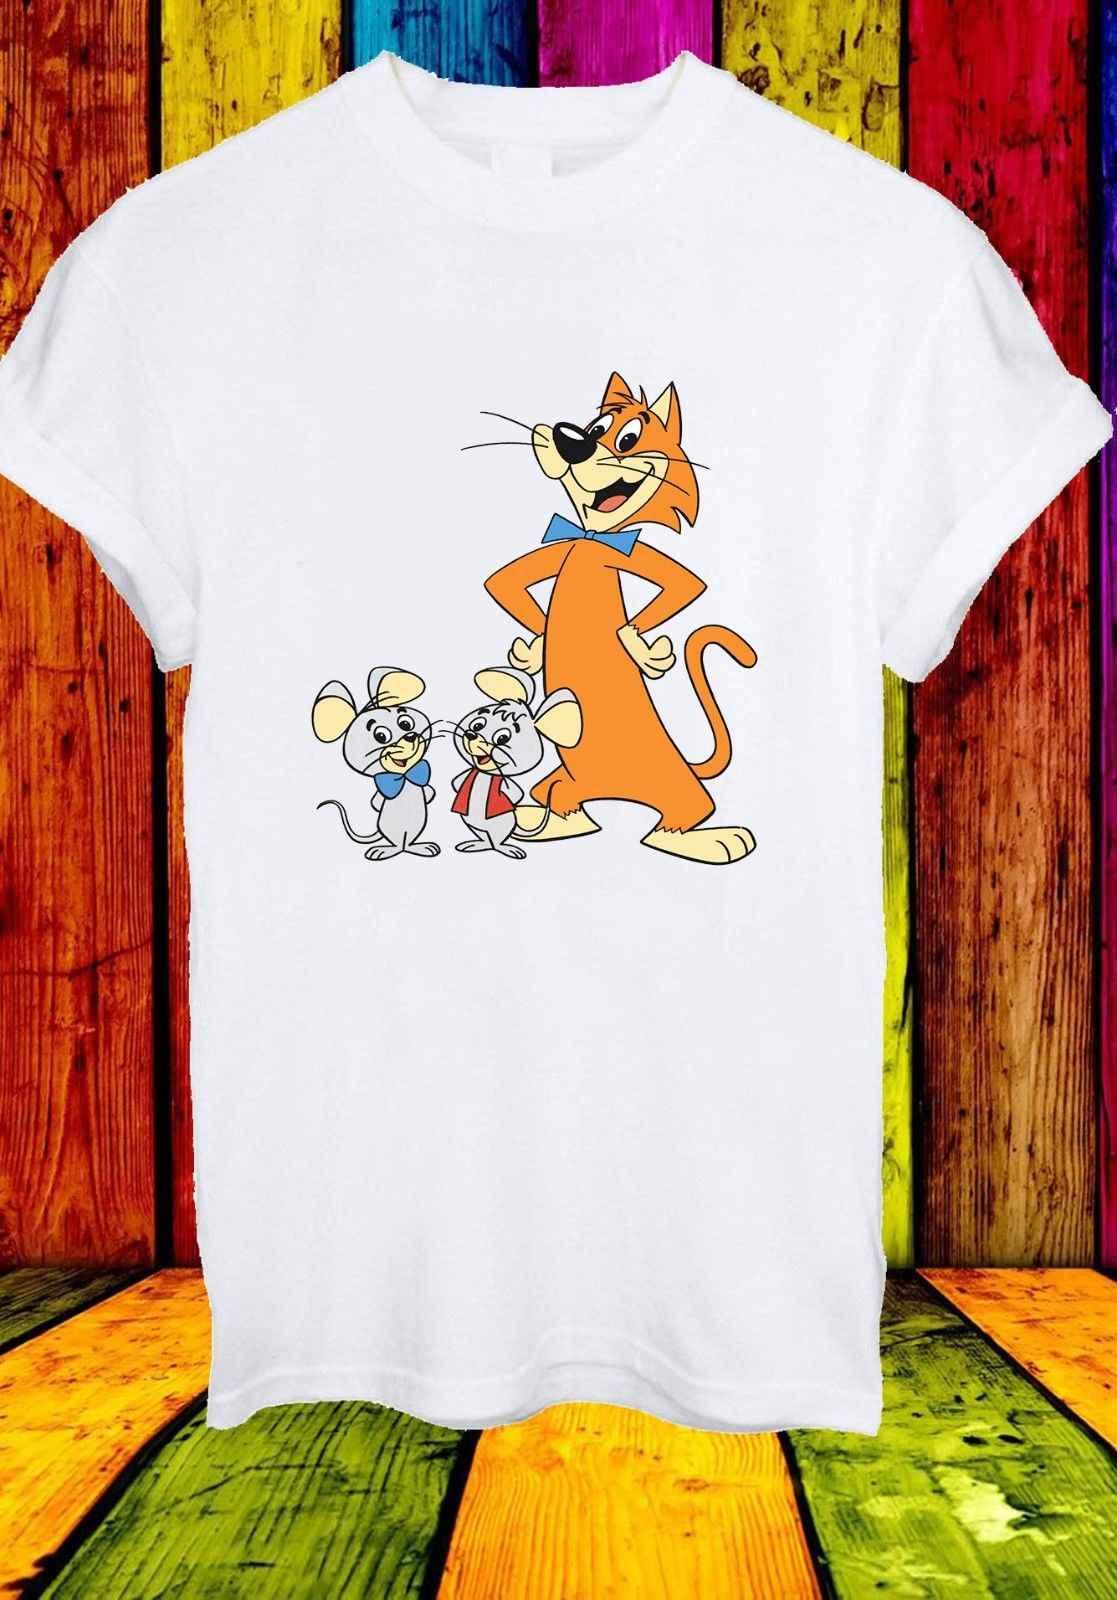 Pixie и Dixie и Mr Jinks мышки для котов Забавный Мультфильм Мужчины Женщины унисекс футболка 838 Новые футболки Забавные топы Бесплатная доставка